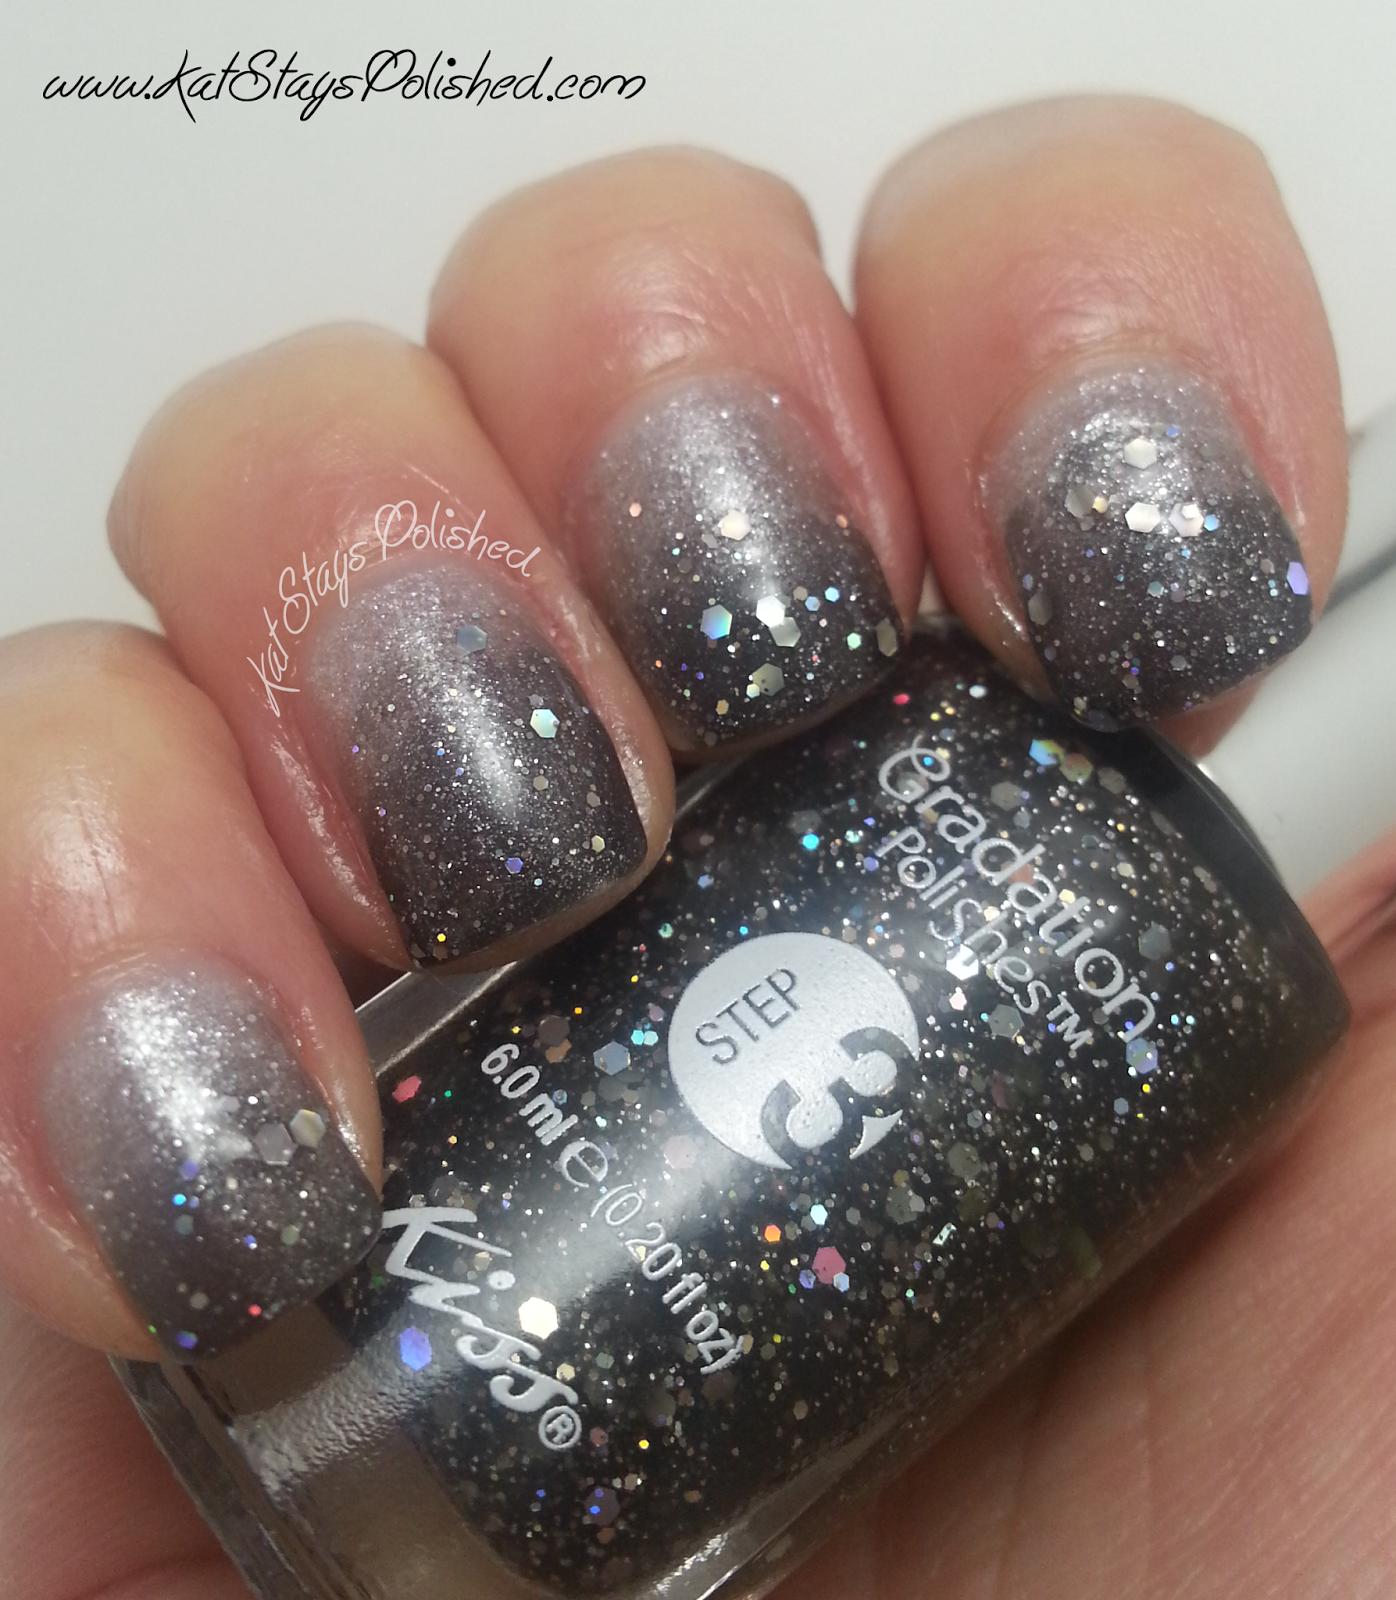 Kiss Nails Gradation Polish | Nails | Pinterest | Kiss nails